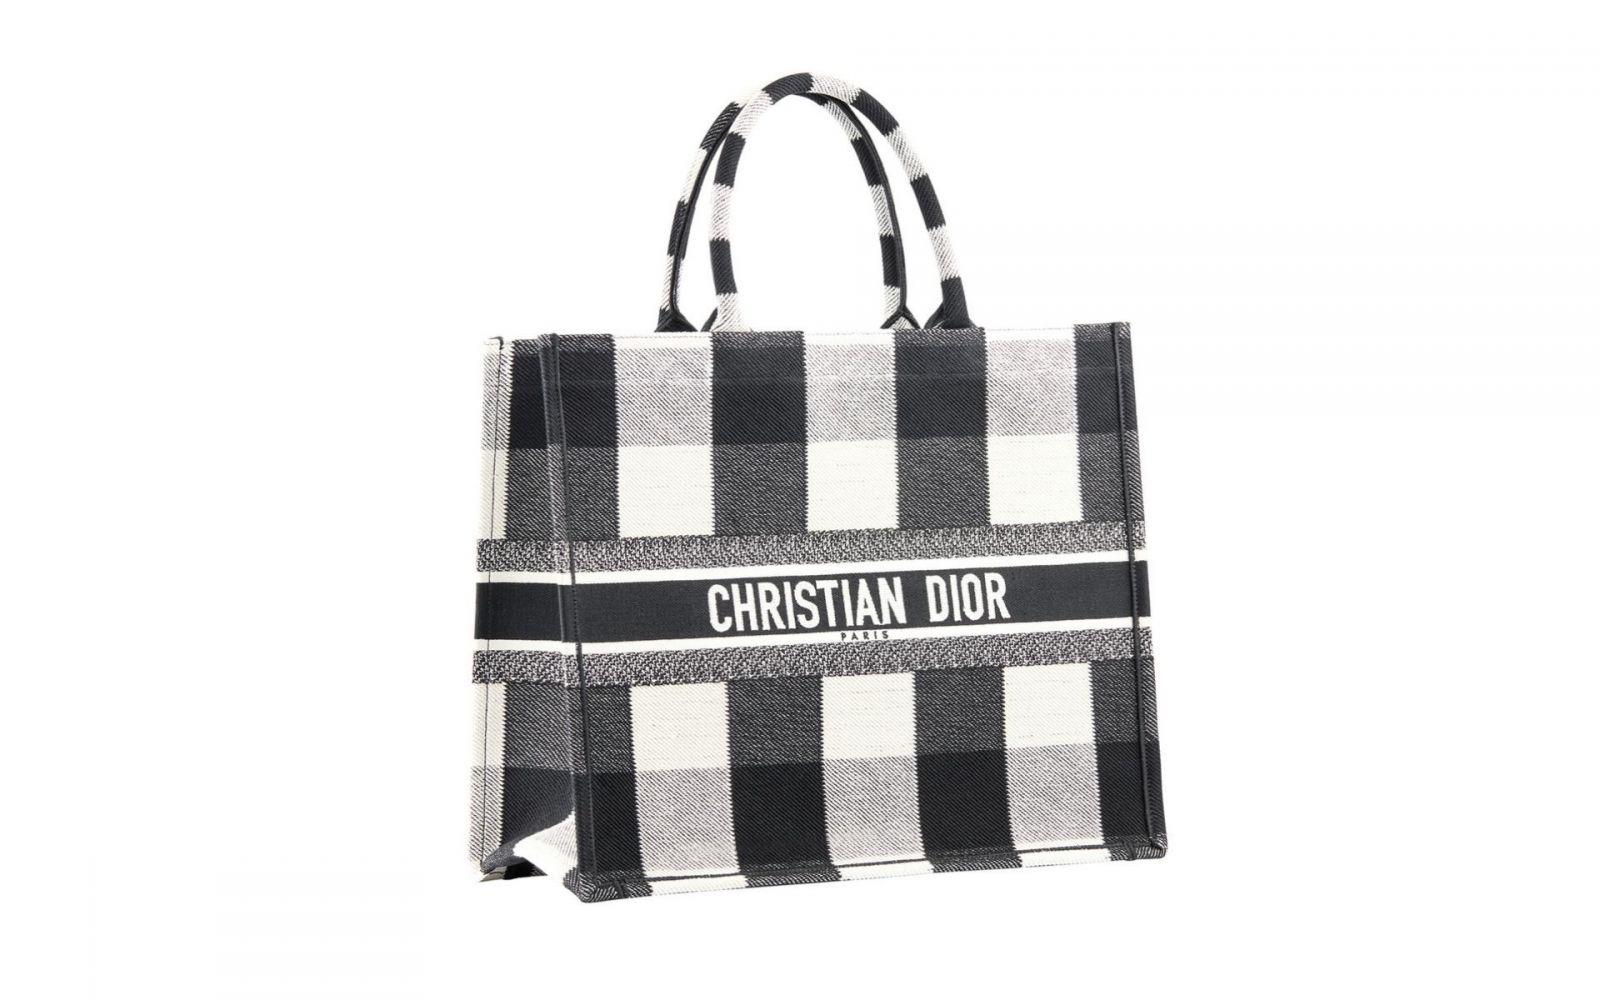 Túi xách Dior đen: Vẻ đẹp huyền bí cho quý cô sành điệu